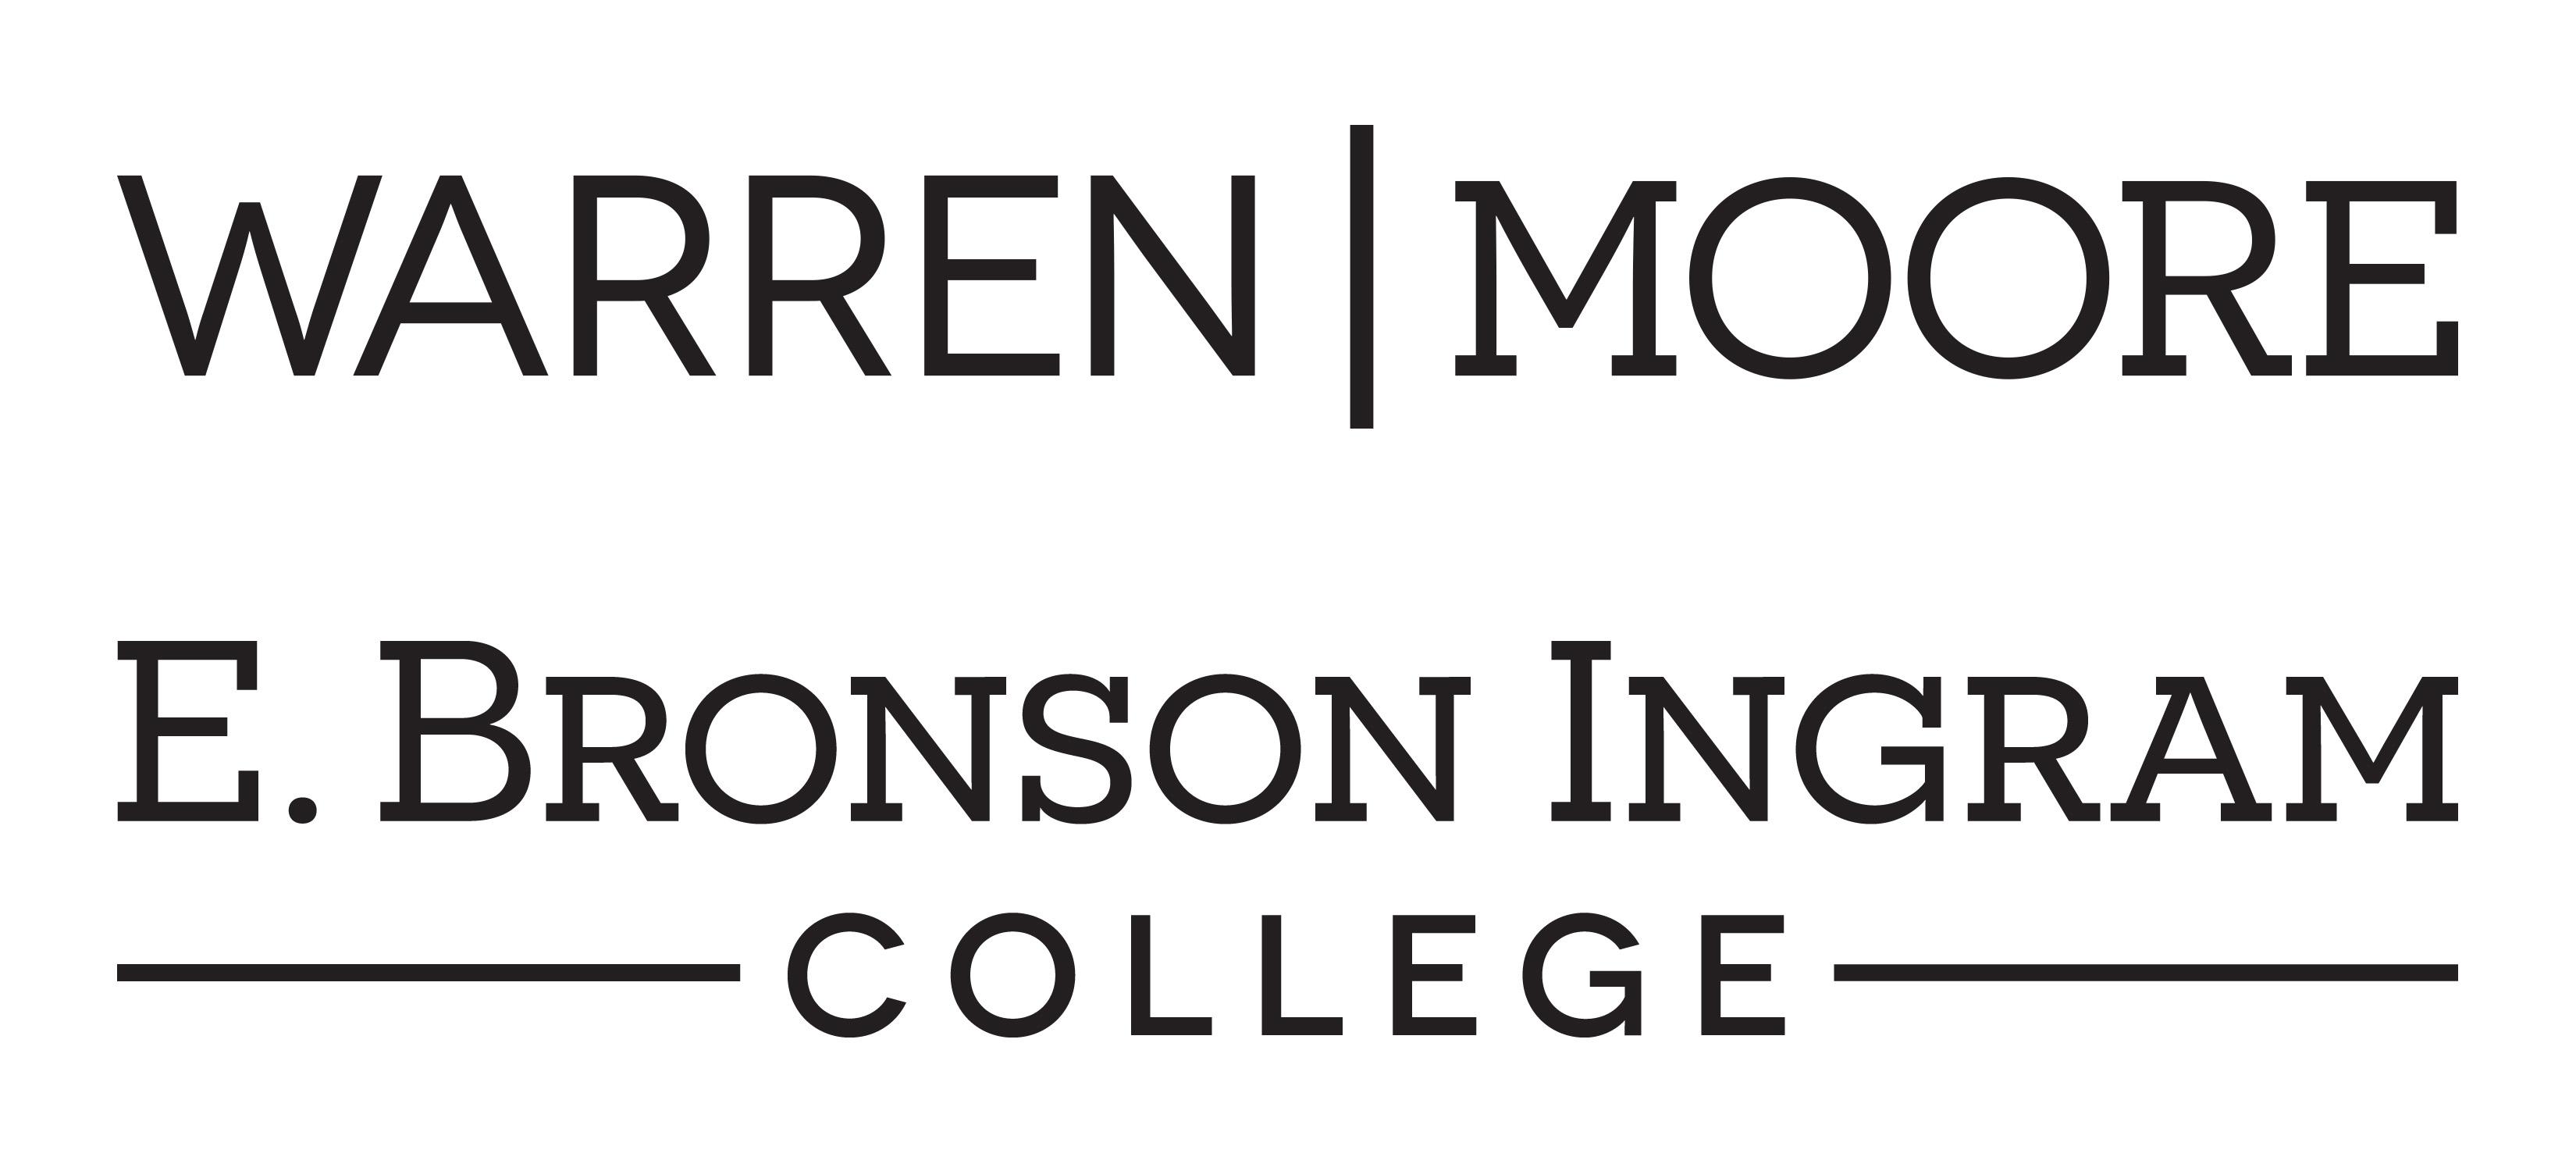 Warren Moore and Bronson Ingram